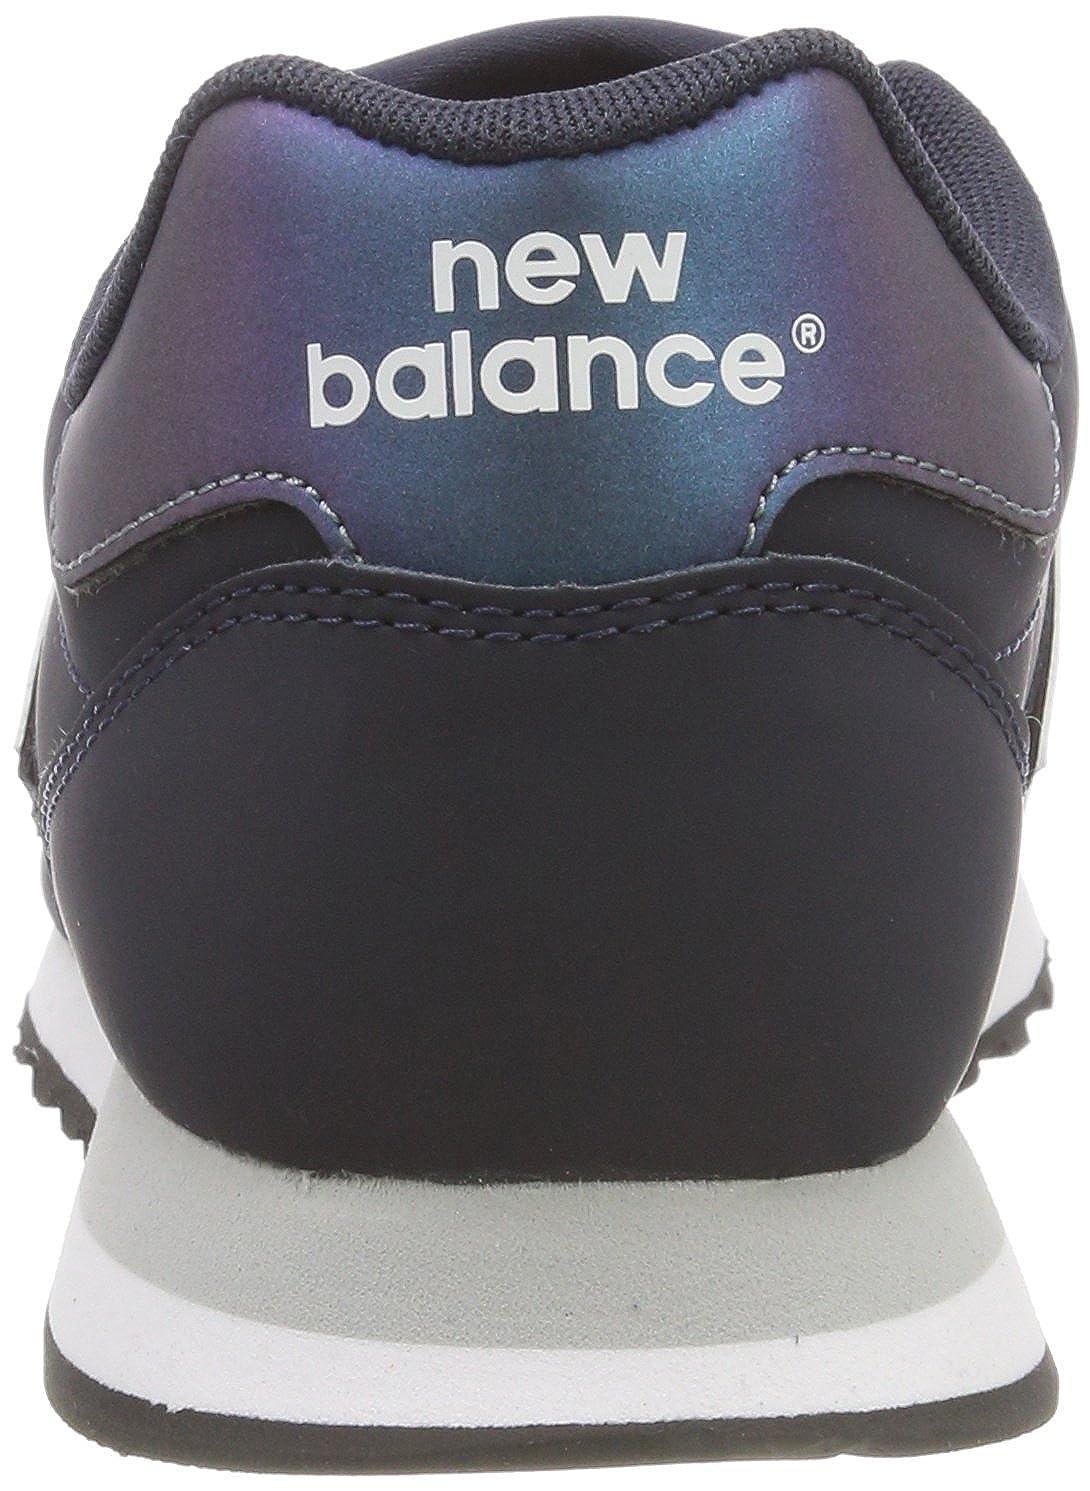 New 125653 Balance 6158011540907606 Gw500brBaskets Femme R3jL4A5